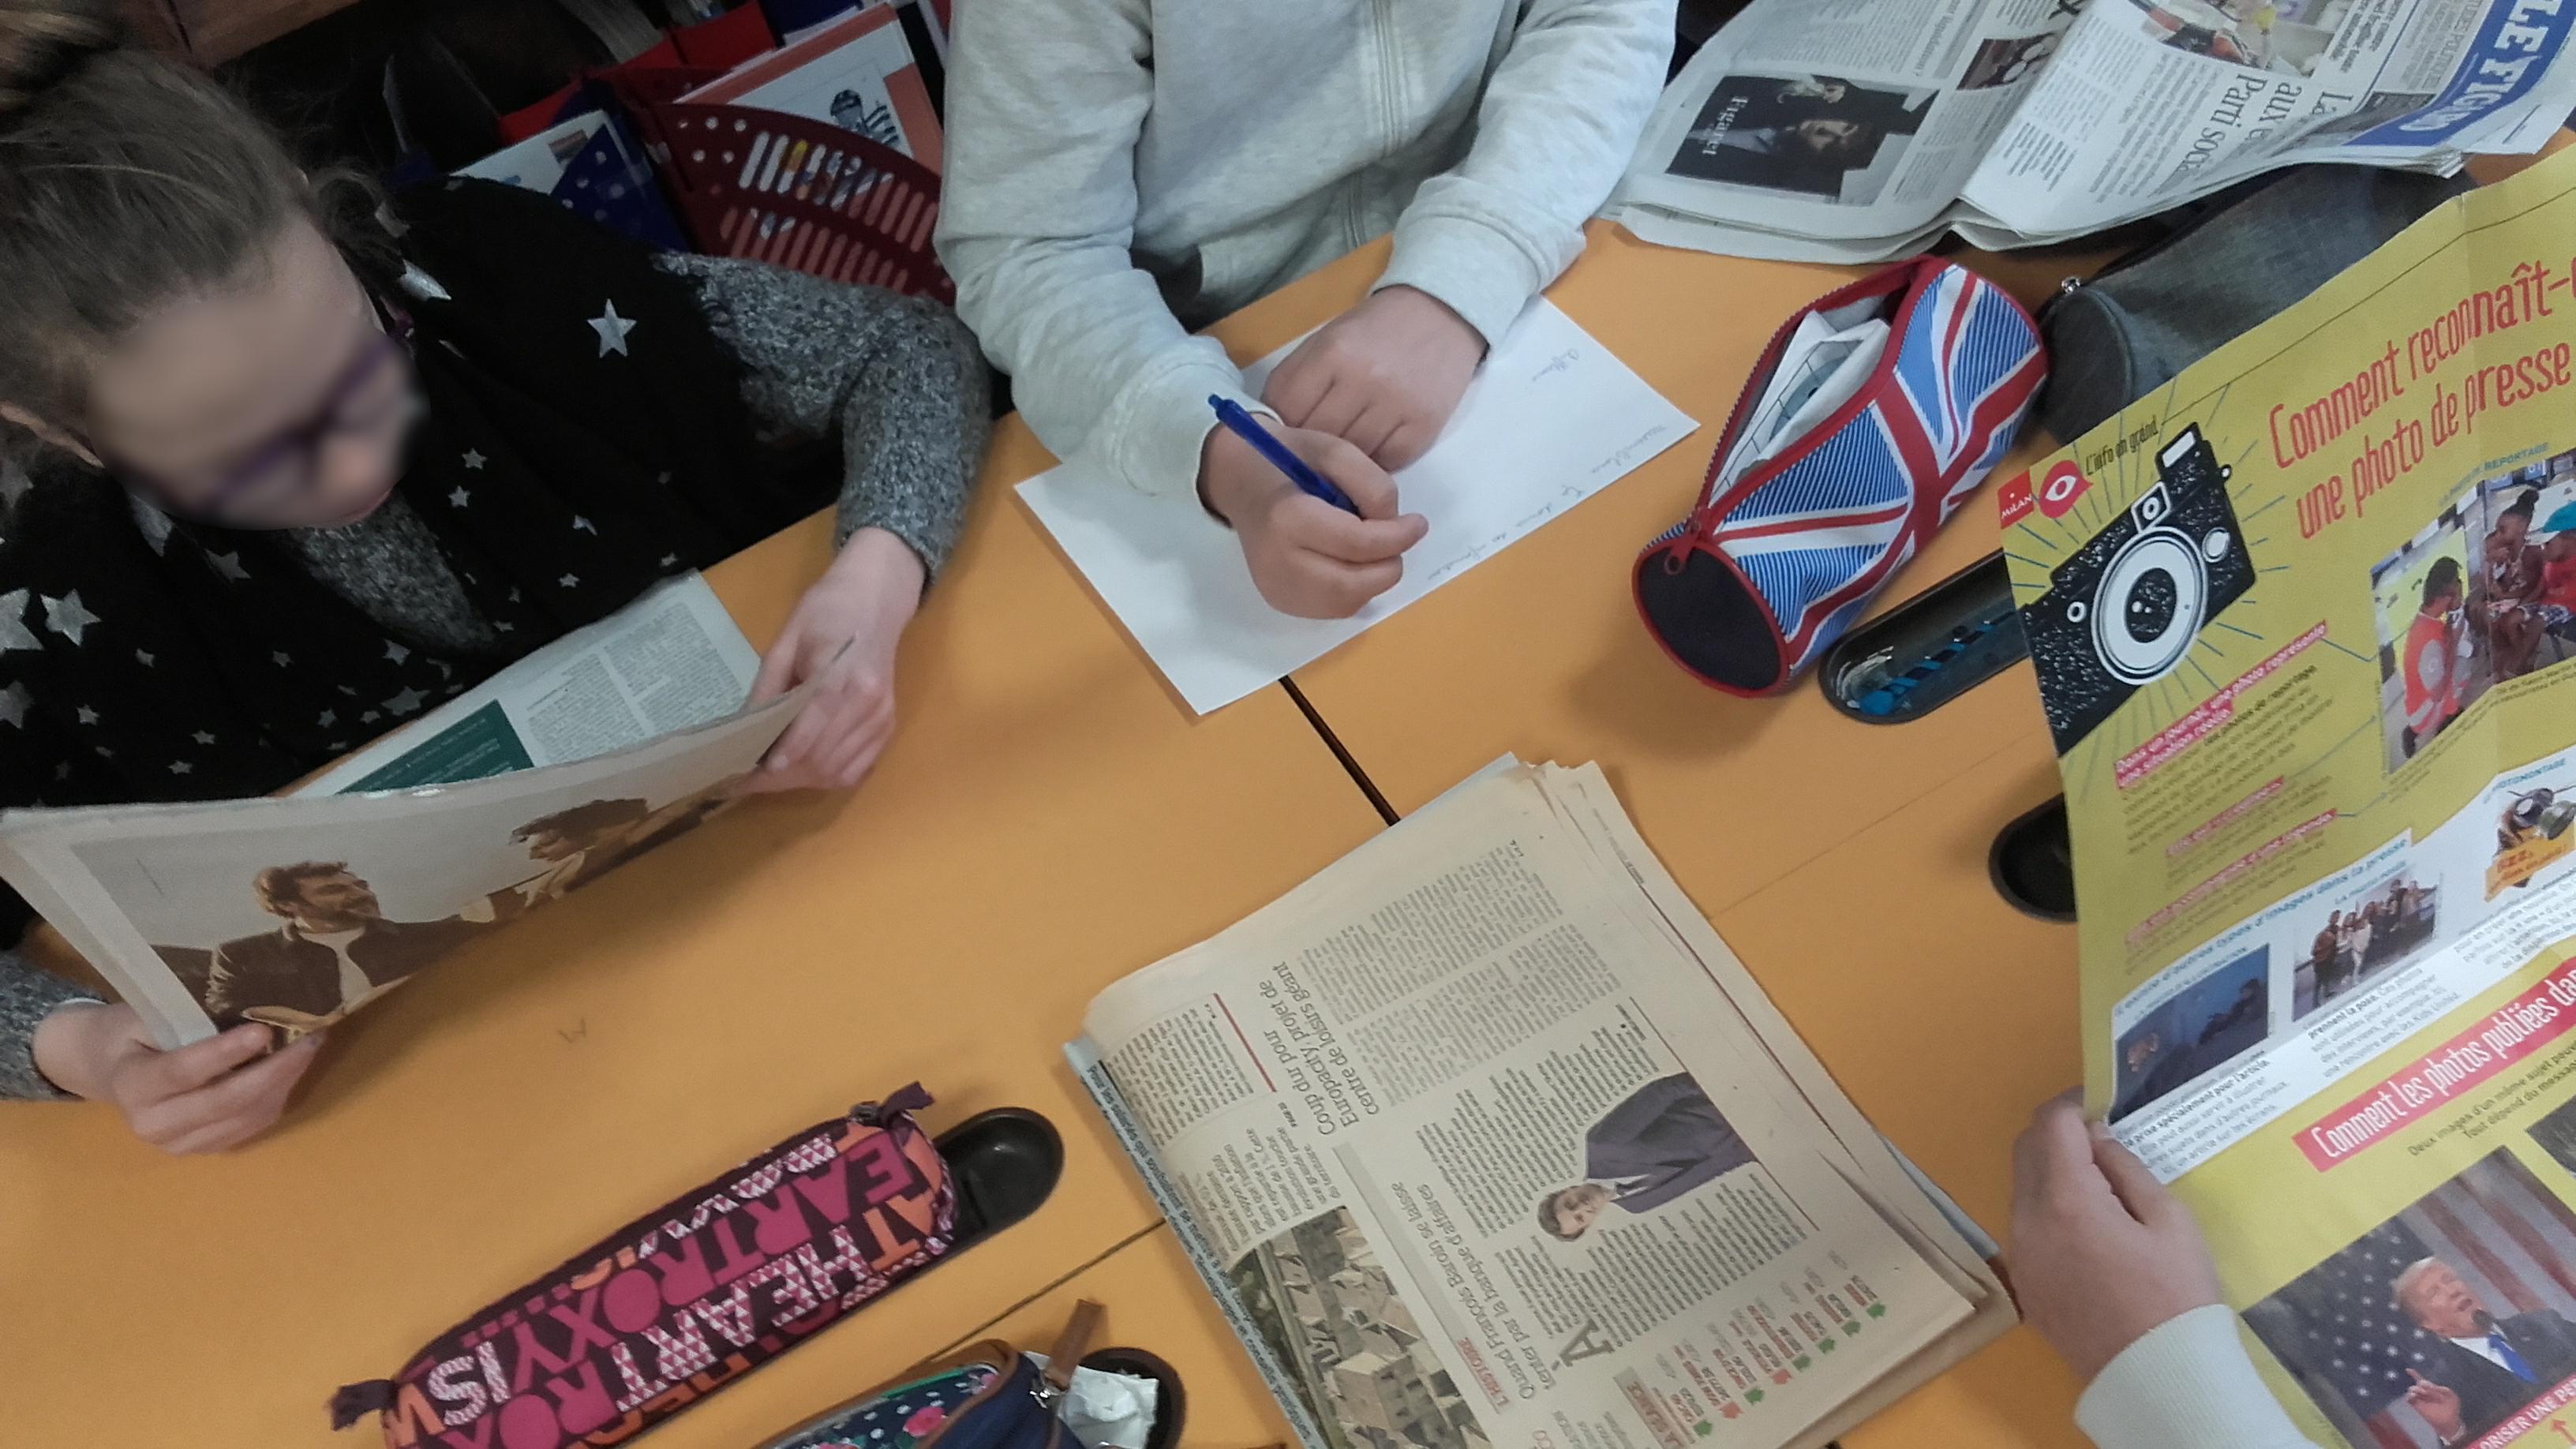 Les élèves lisent plusieurs types de sources et comparent les informations récoltées